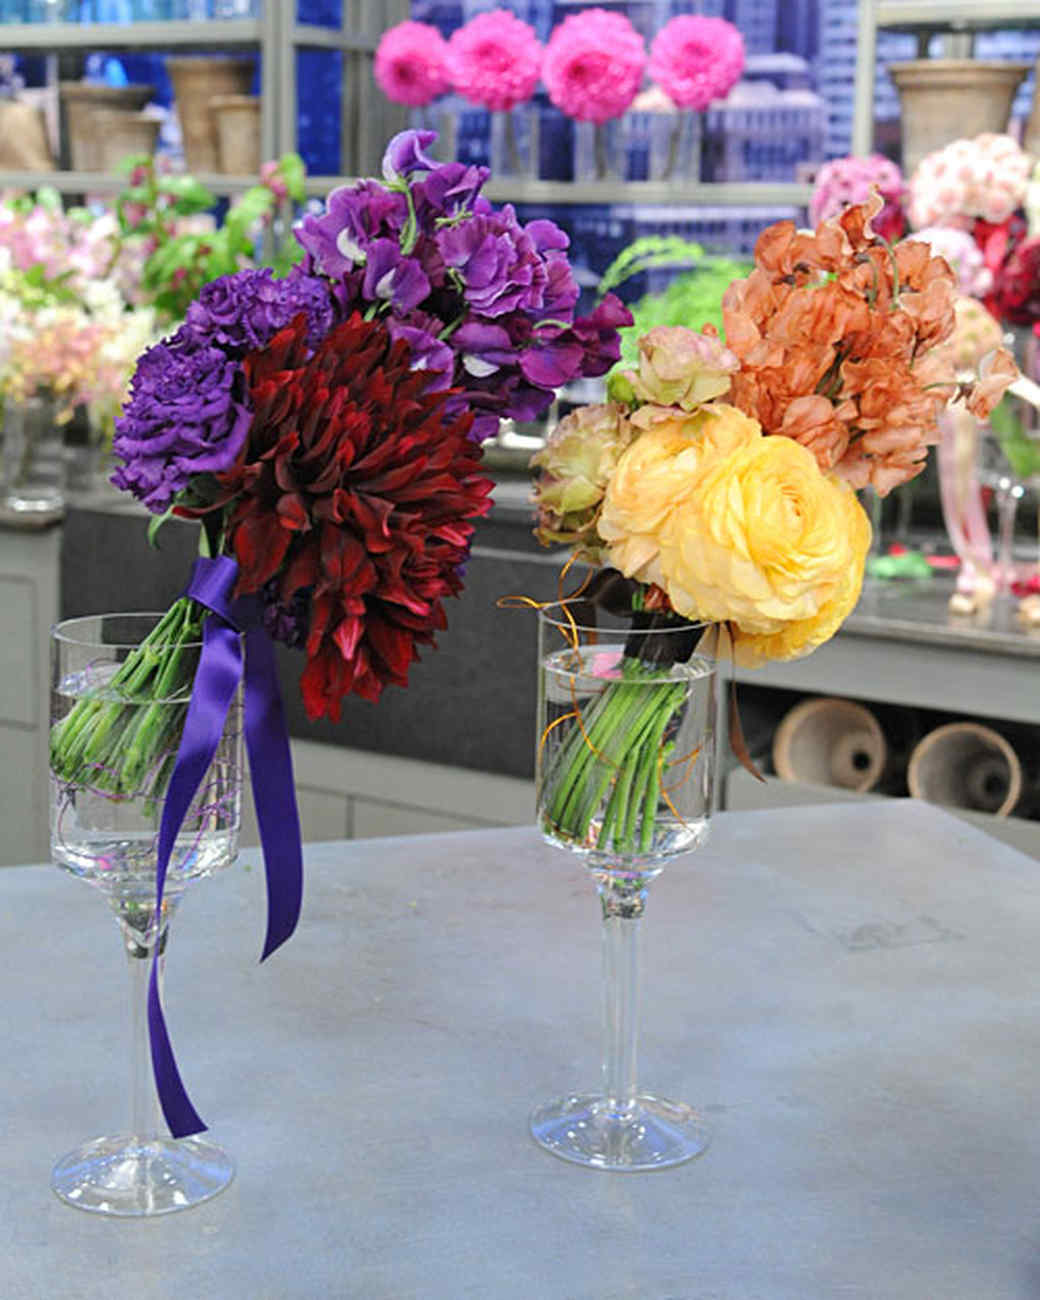 6084_011911_flowers.jpg